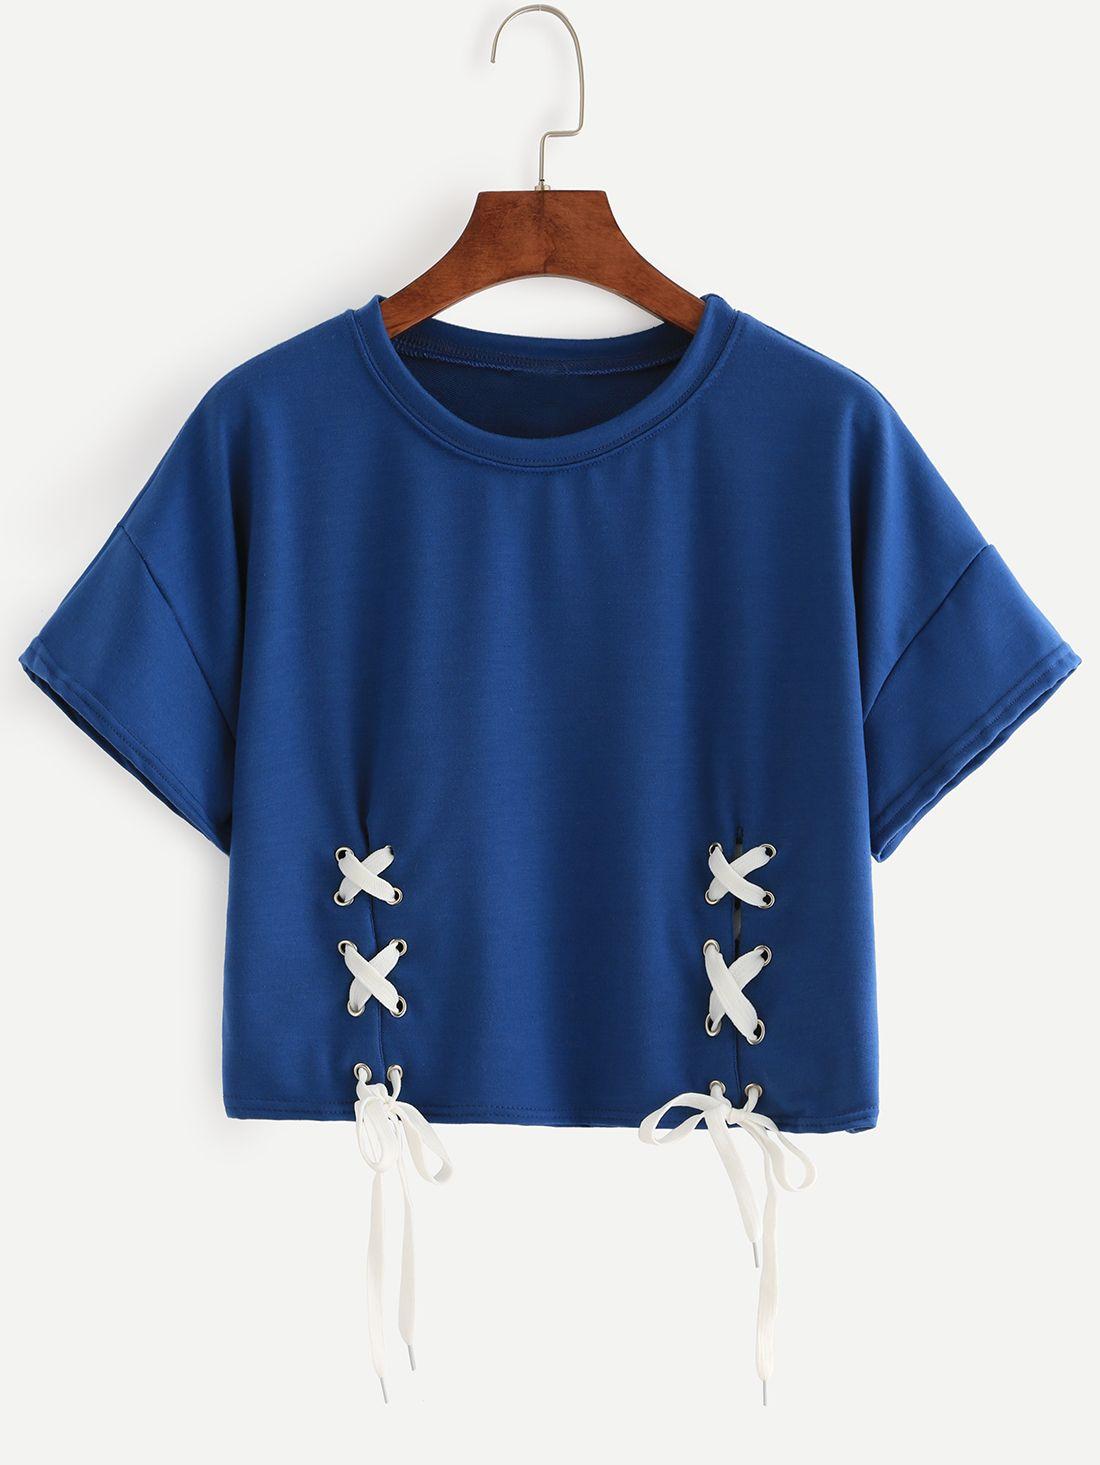 Дизайн футболки своими руками фото 521